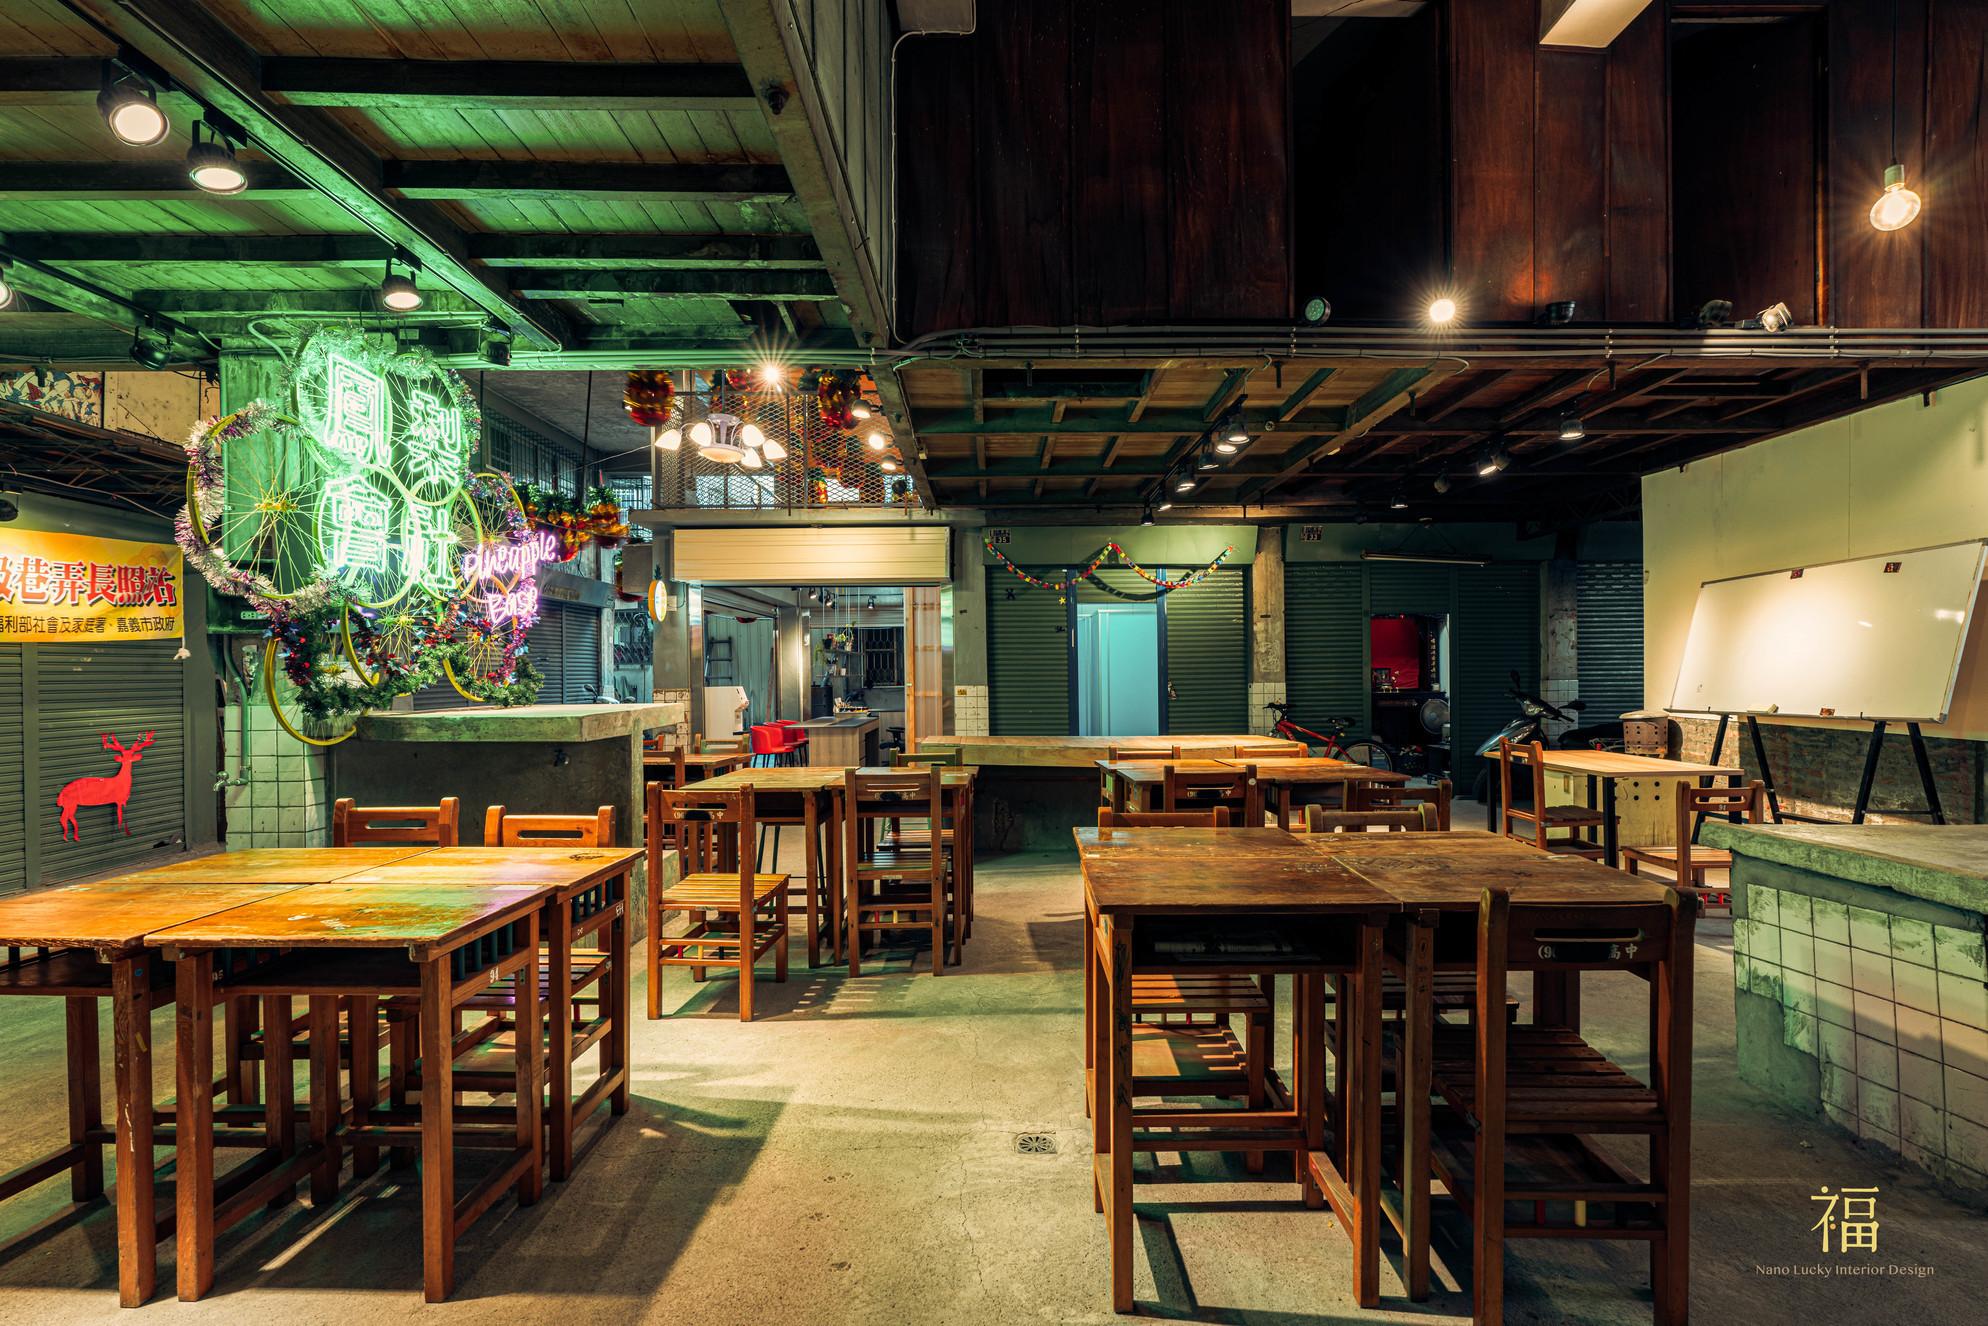 鳳梨會社5點0-鳳梨小學堂|小福砌社區空間規劃設計